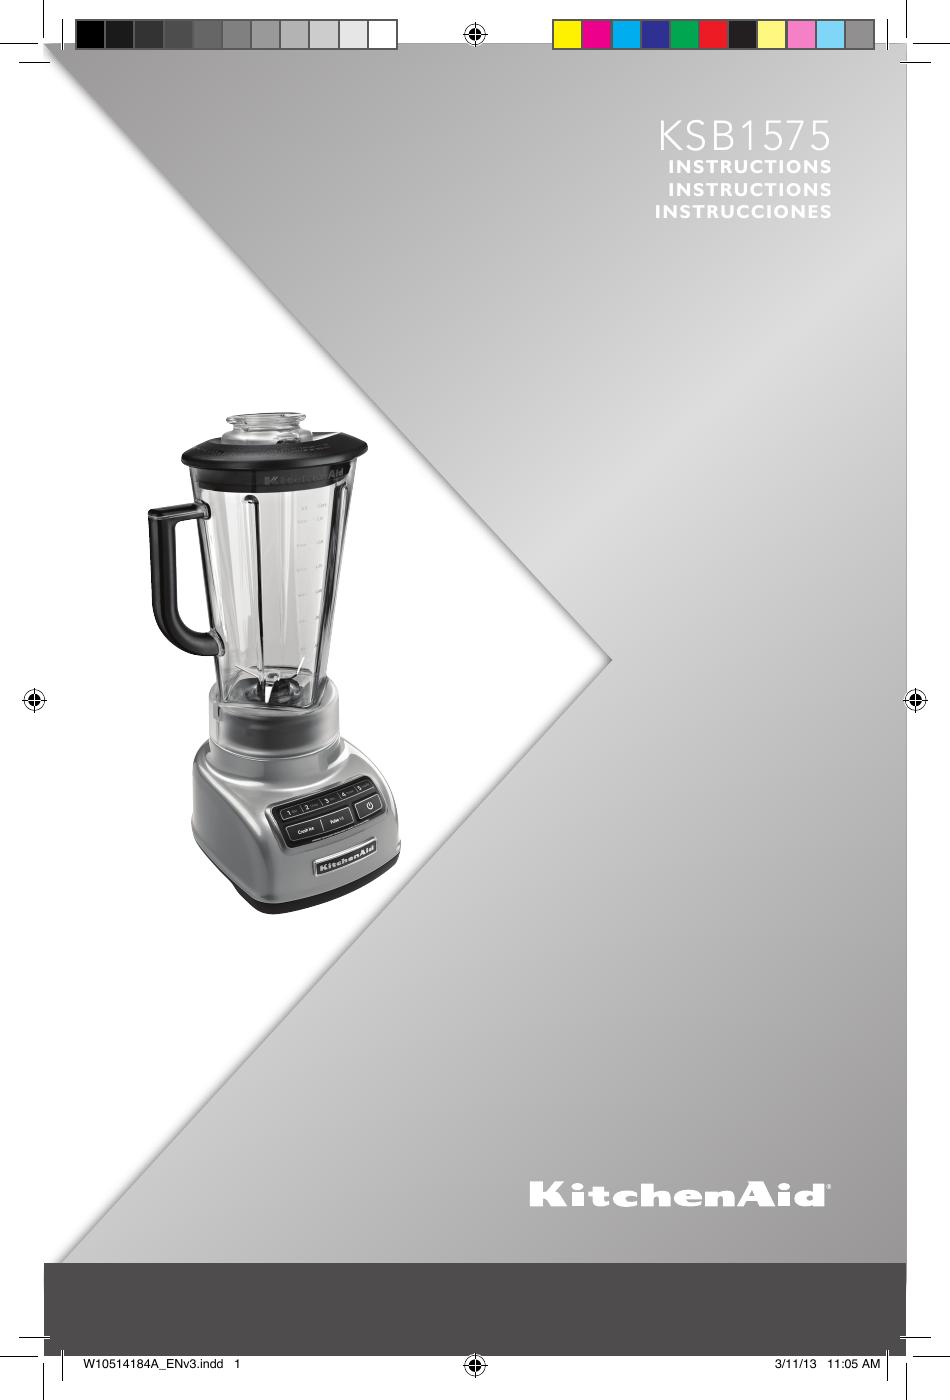 Kitchenaid 5 Speed Diamond Blender Ksb1575 Users Manual